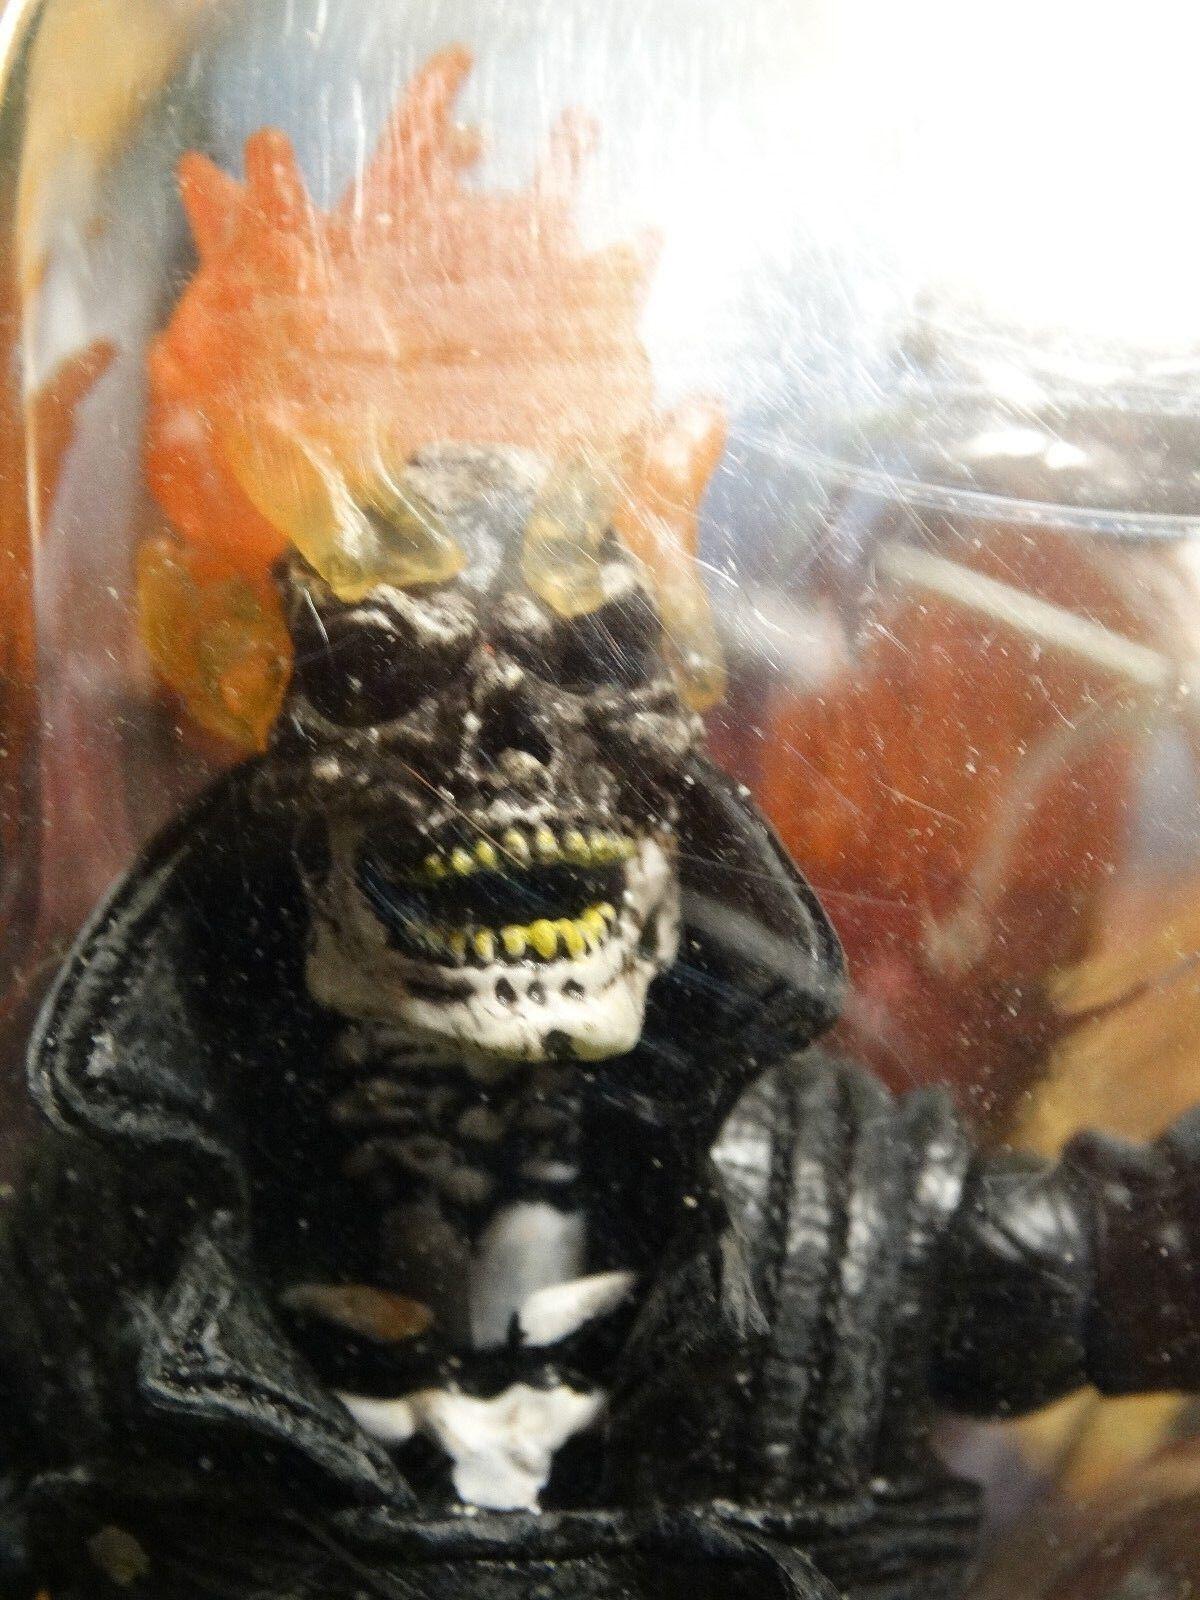 förundras Legends Ghost Rider...Lek Biz serie vii Sällsynt Herregud